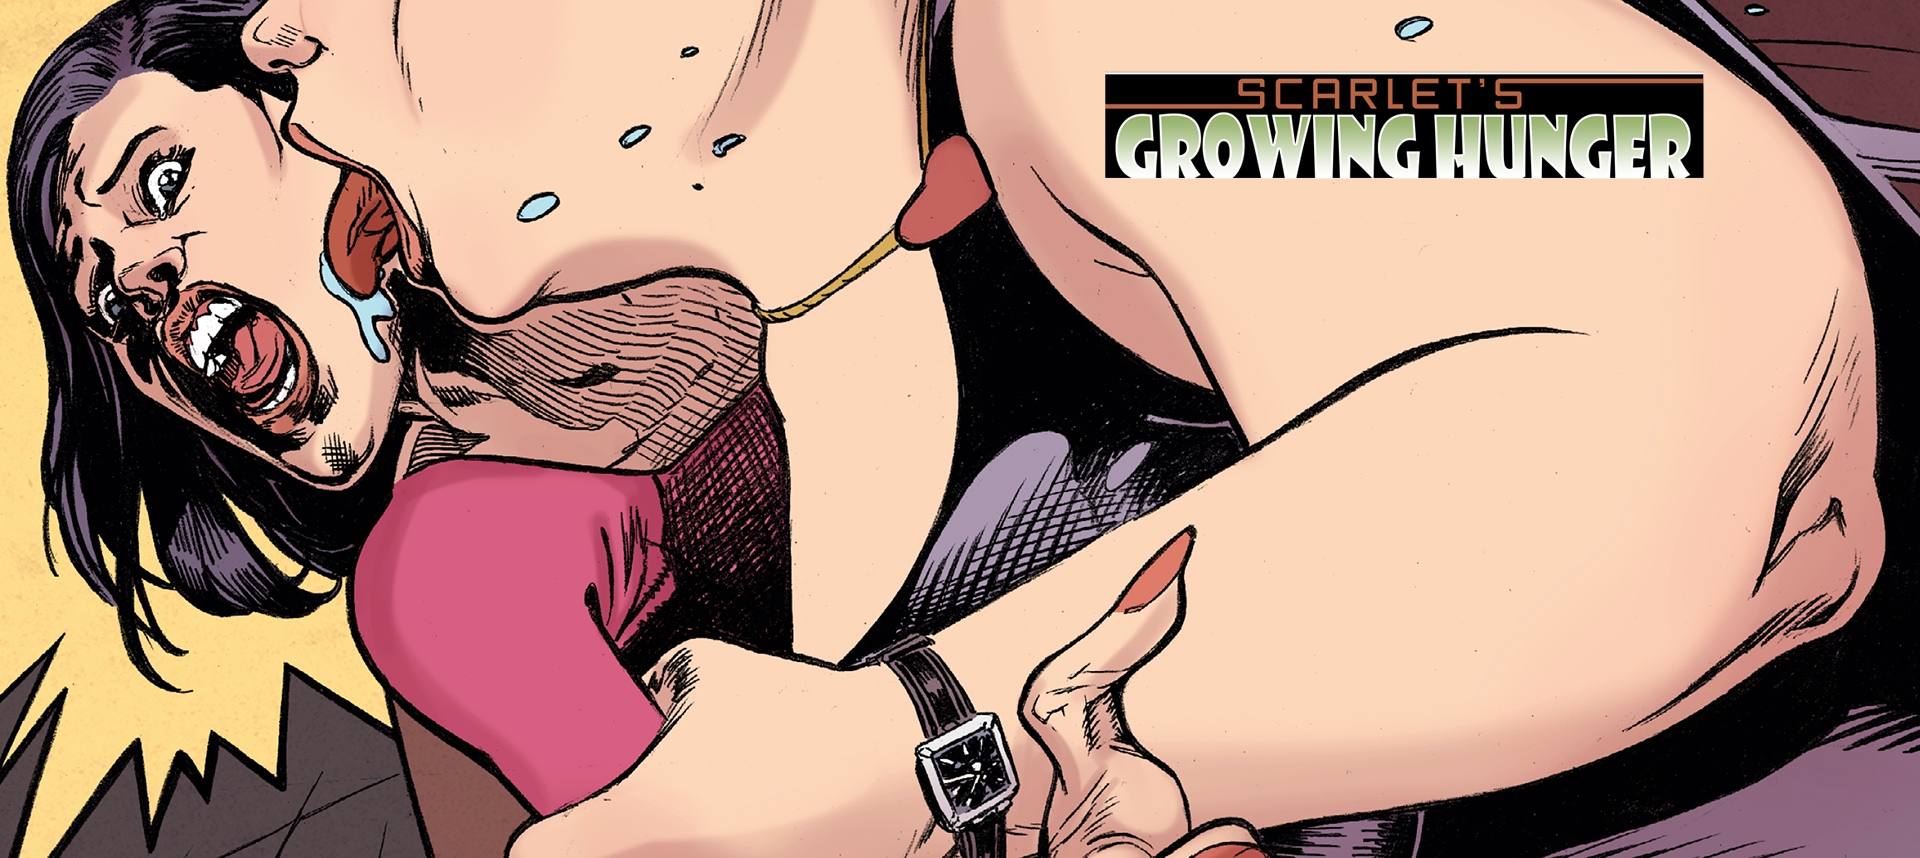 Scarlets-Growing-Hunger_01-SLIDE